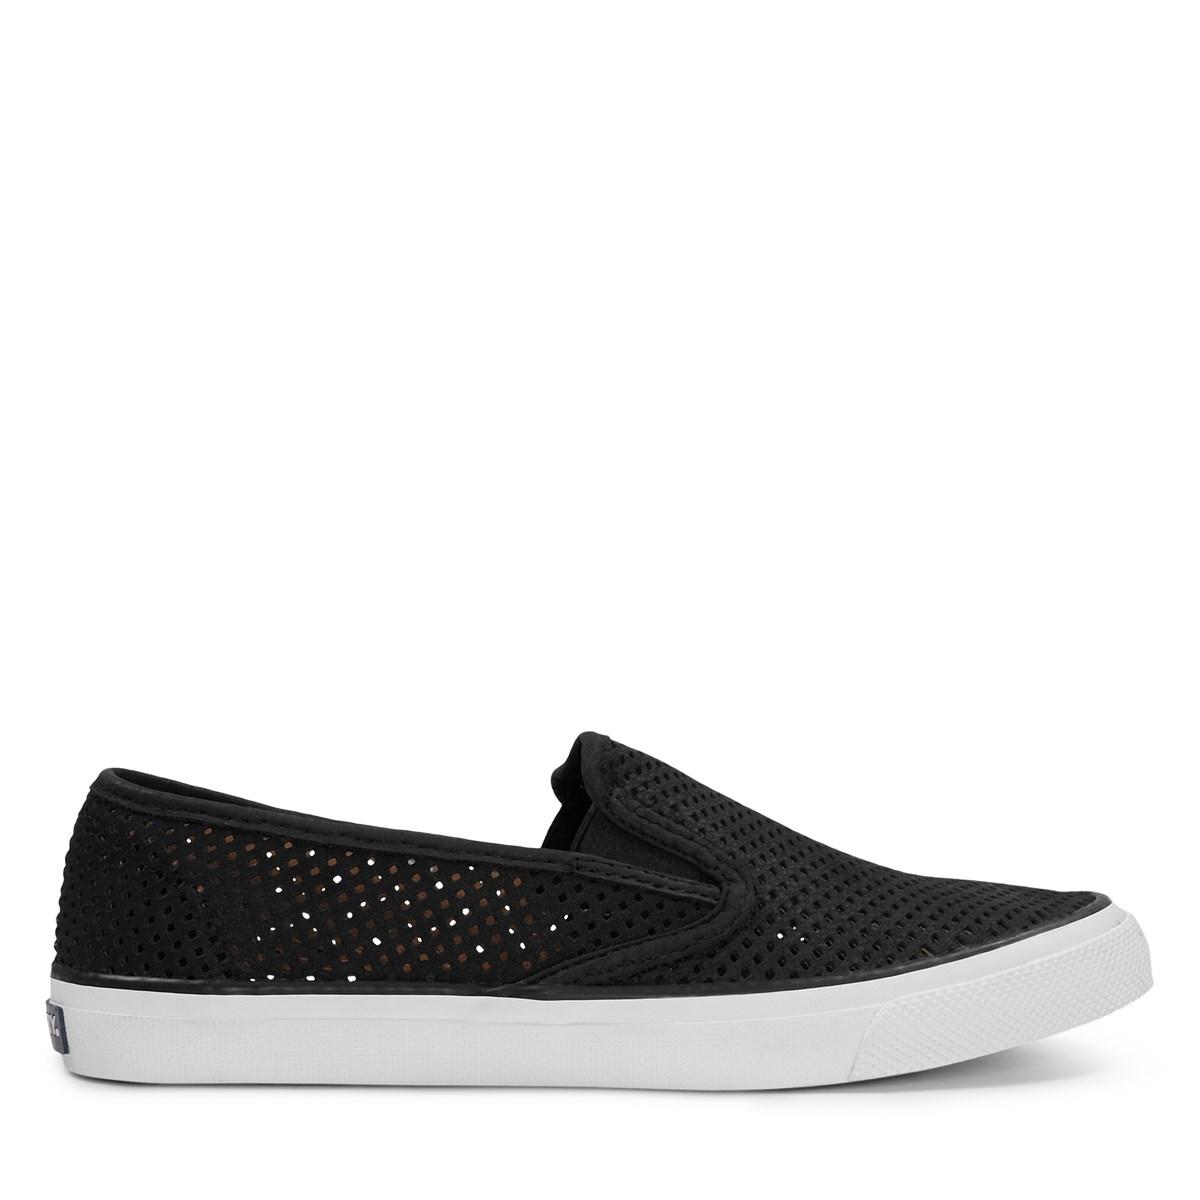 Women's Seaside Leather Slip-On Shoes in Black